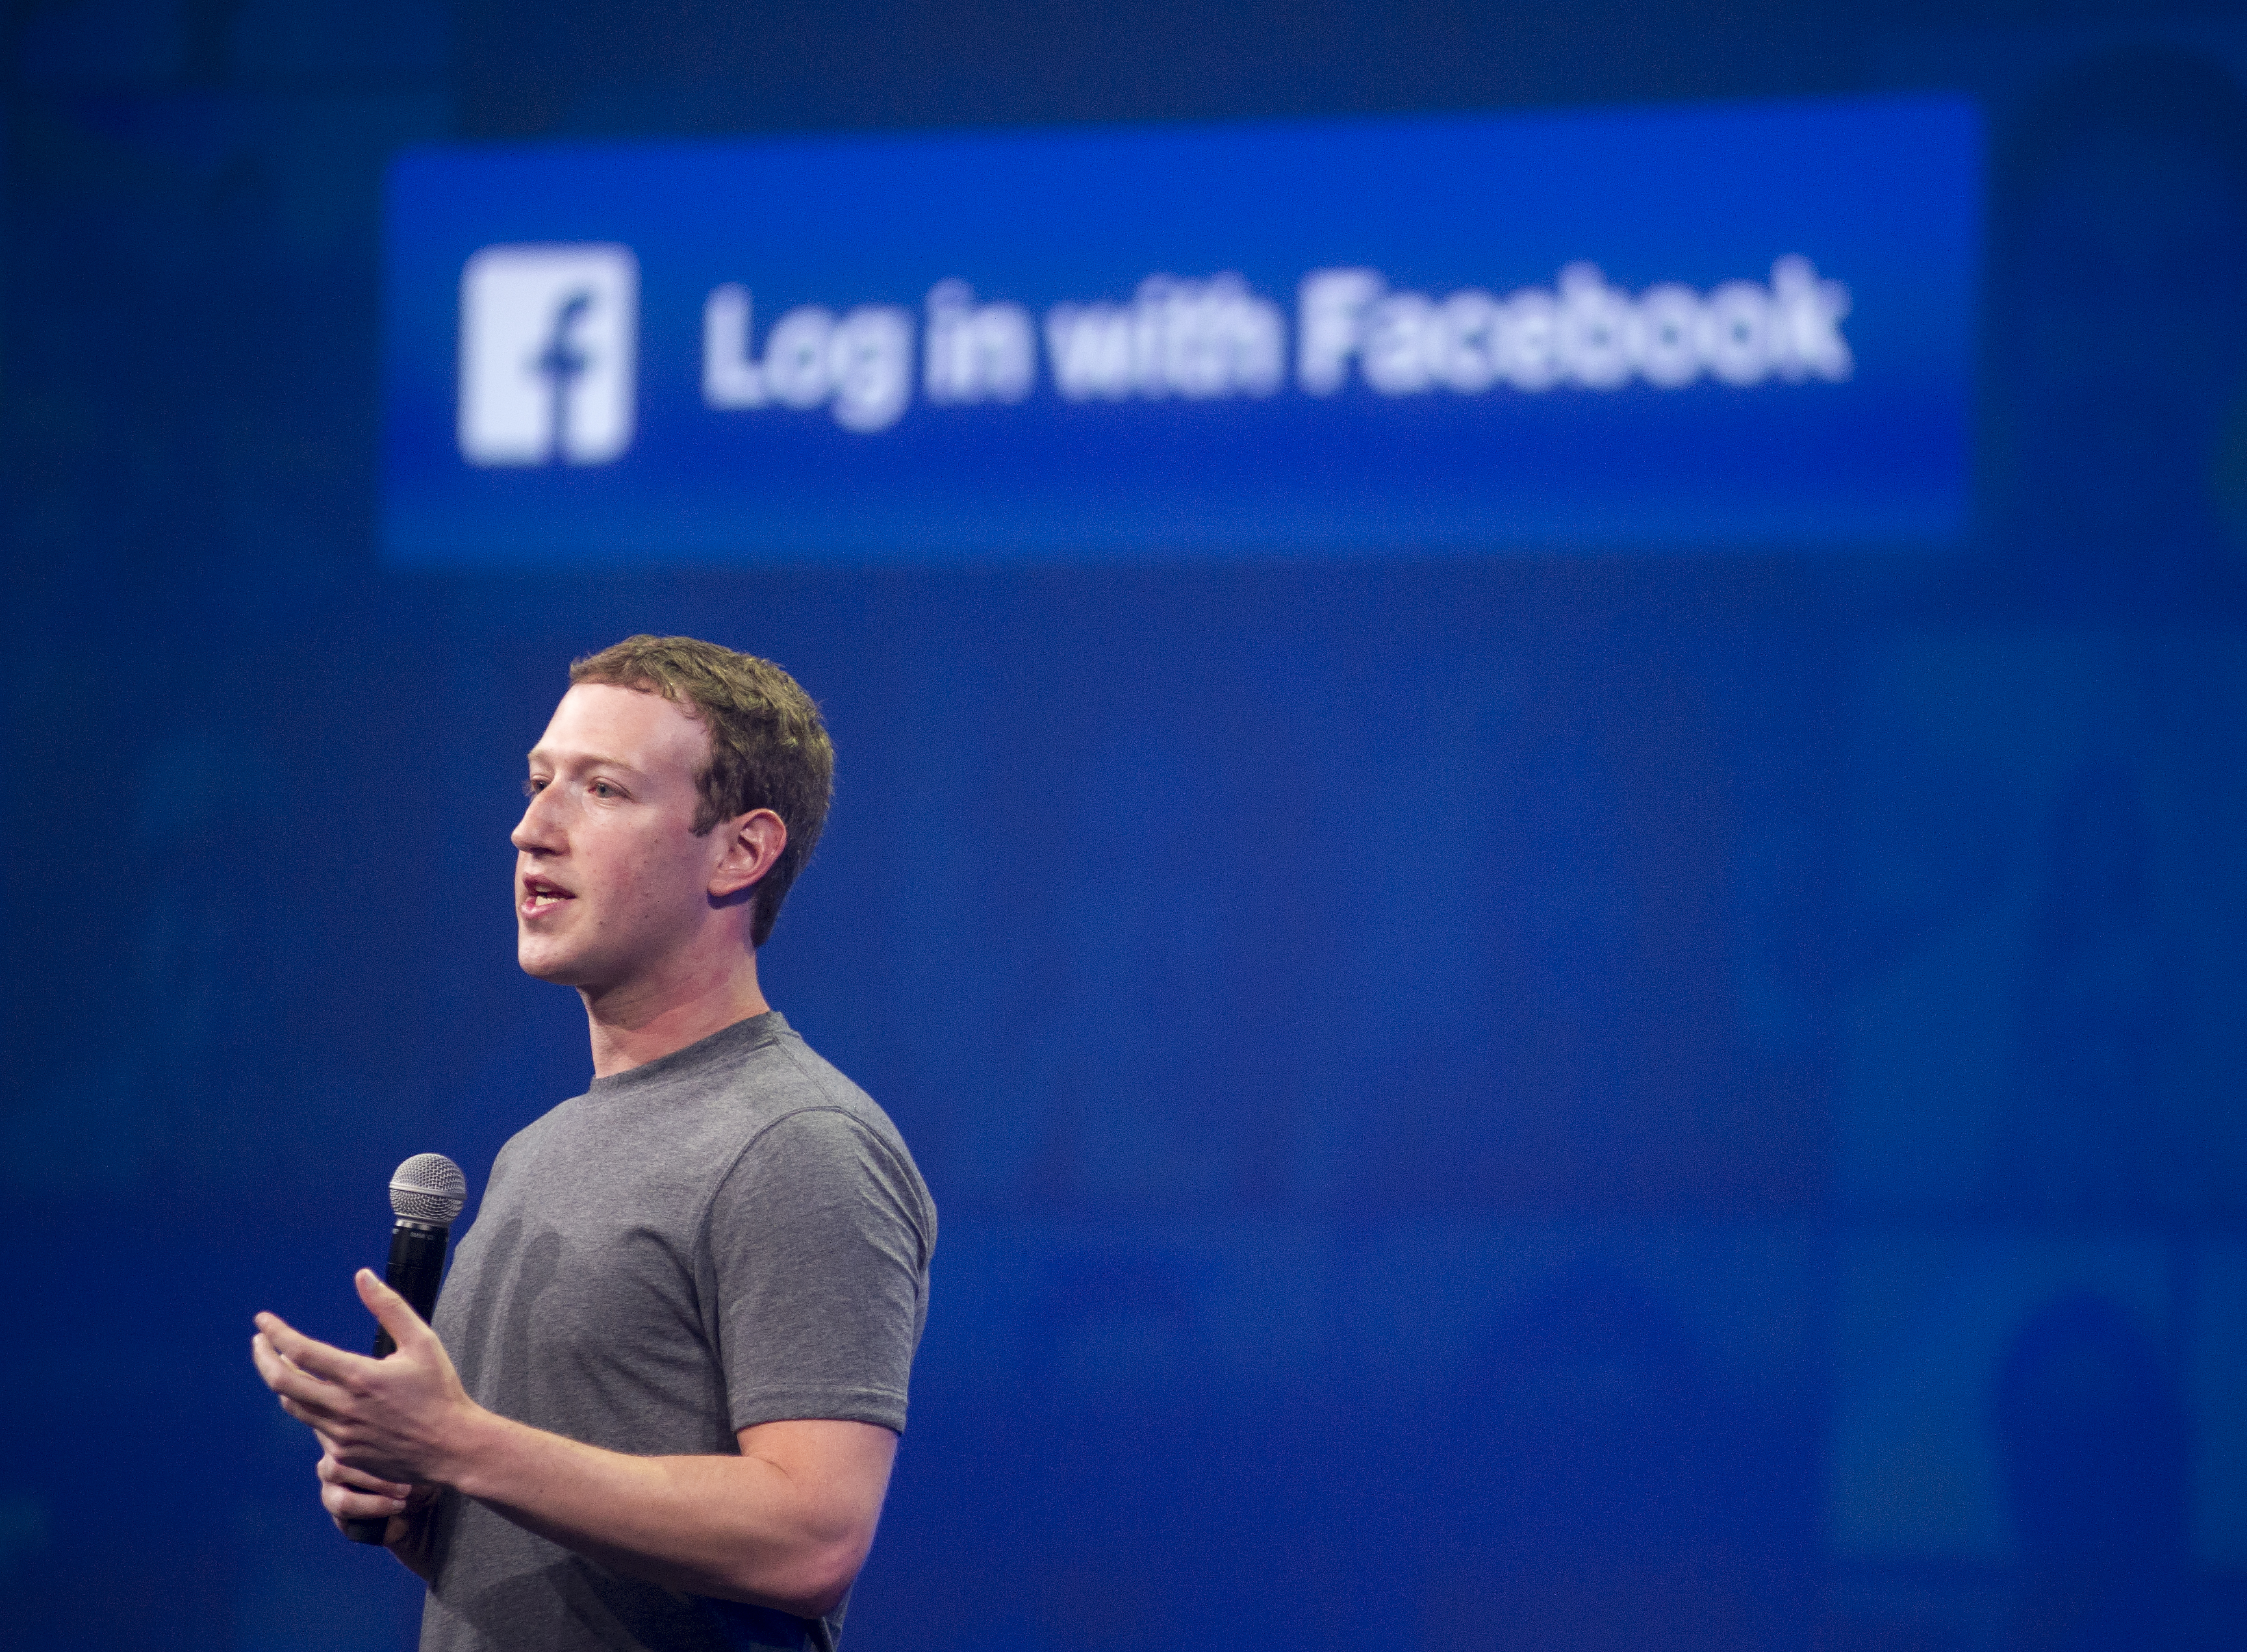 Ellenőrizni is lehet, kiszivárogtak-e a facebookos adataink a Cambridge Analyticának